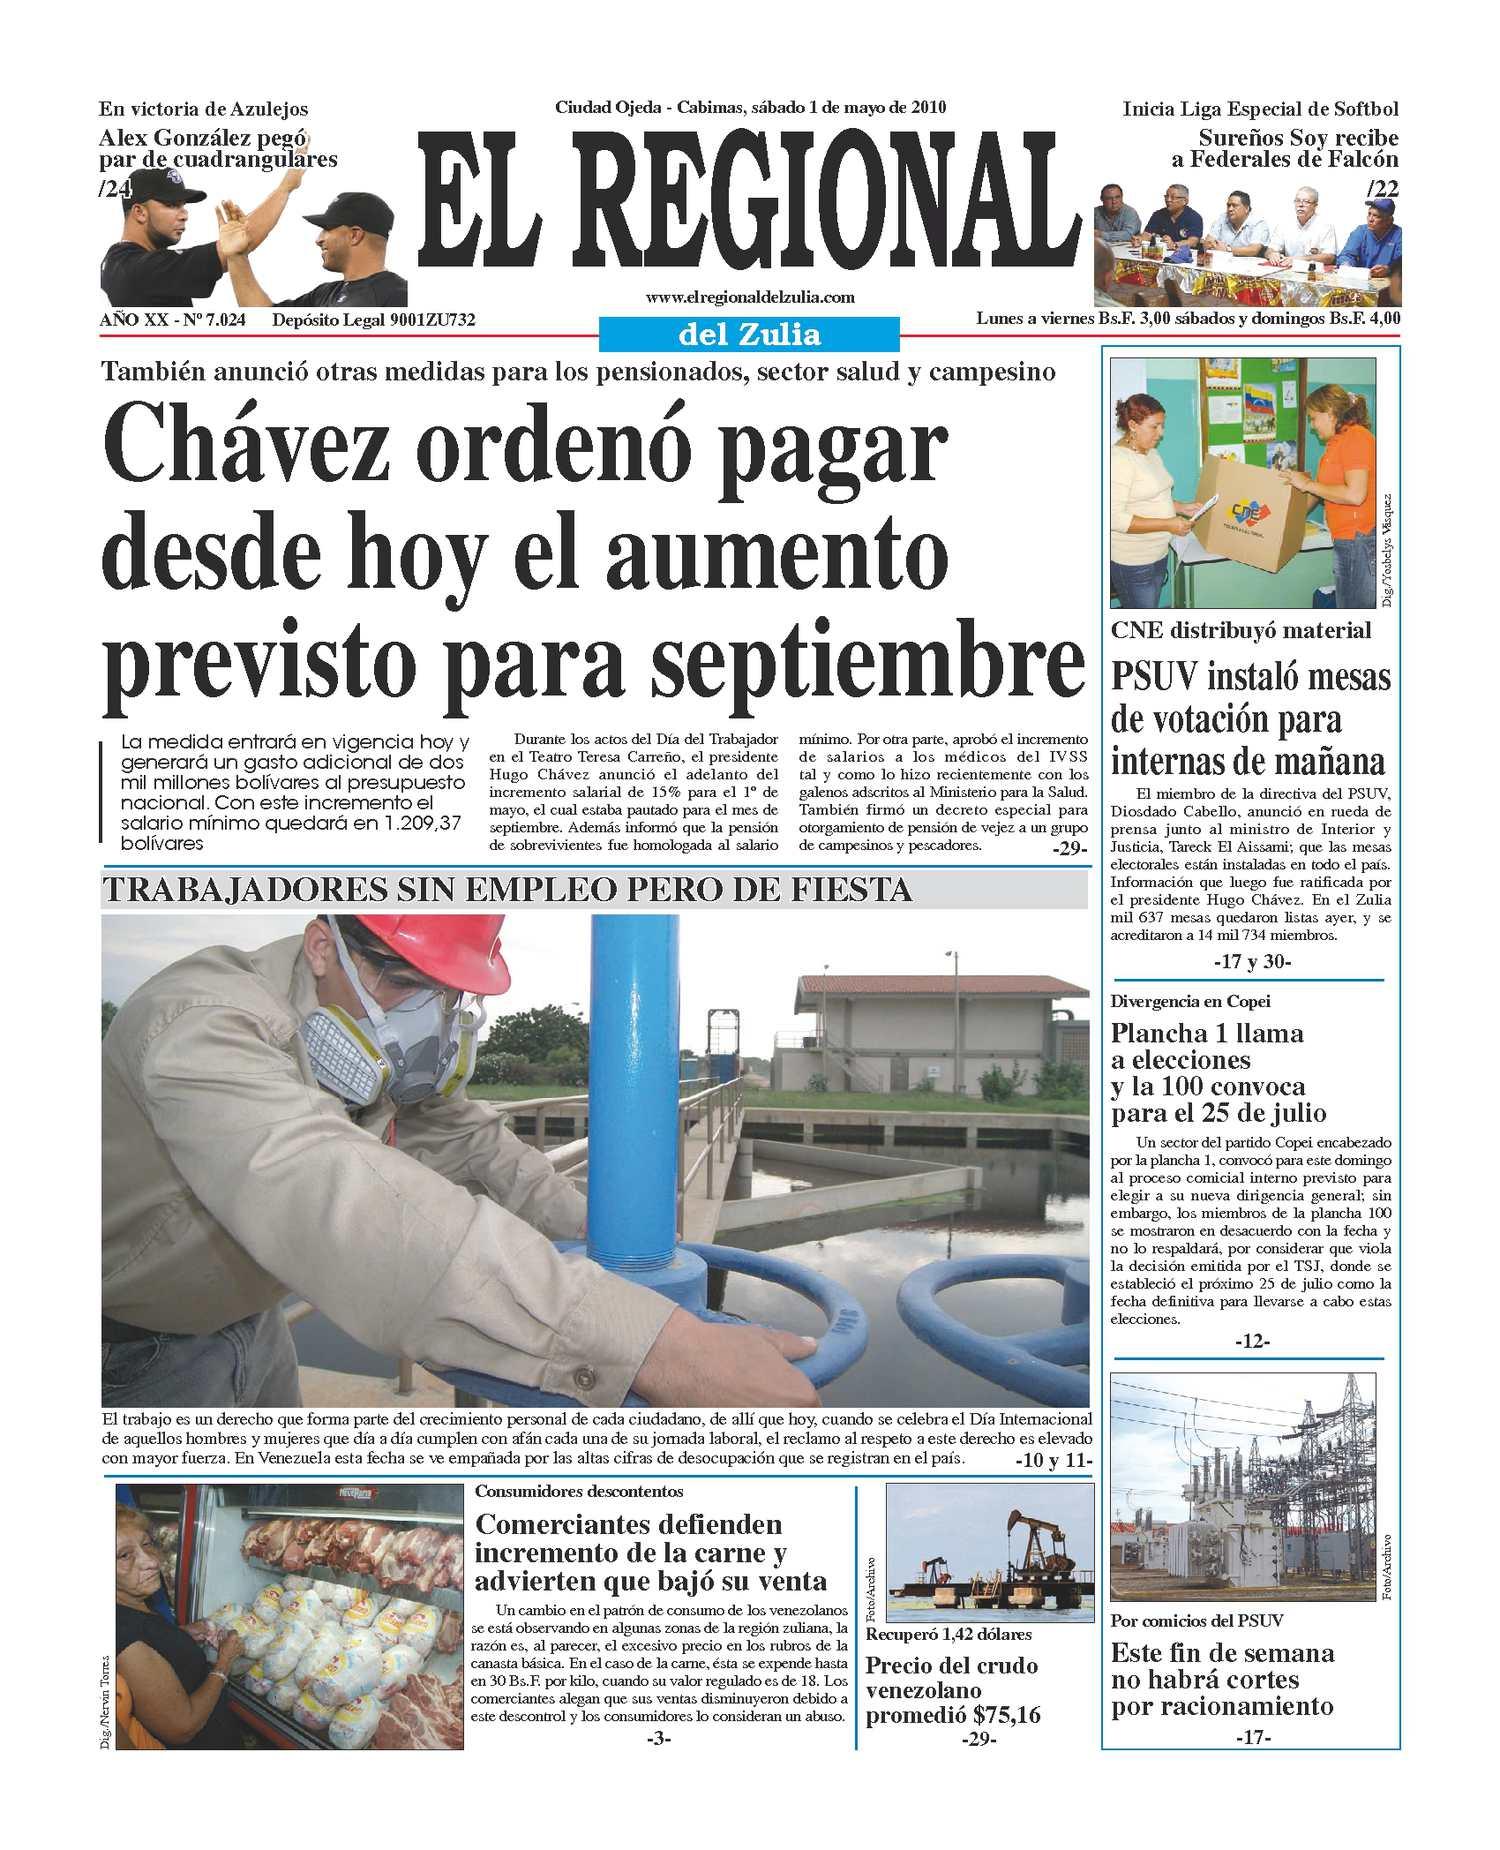 El Regional del Zulia 01-05-2010